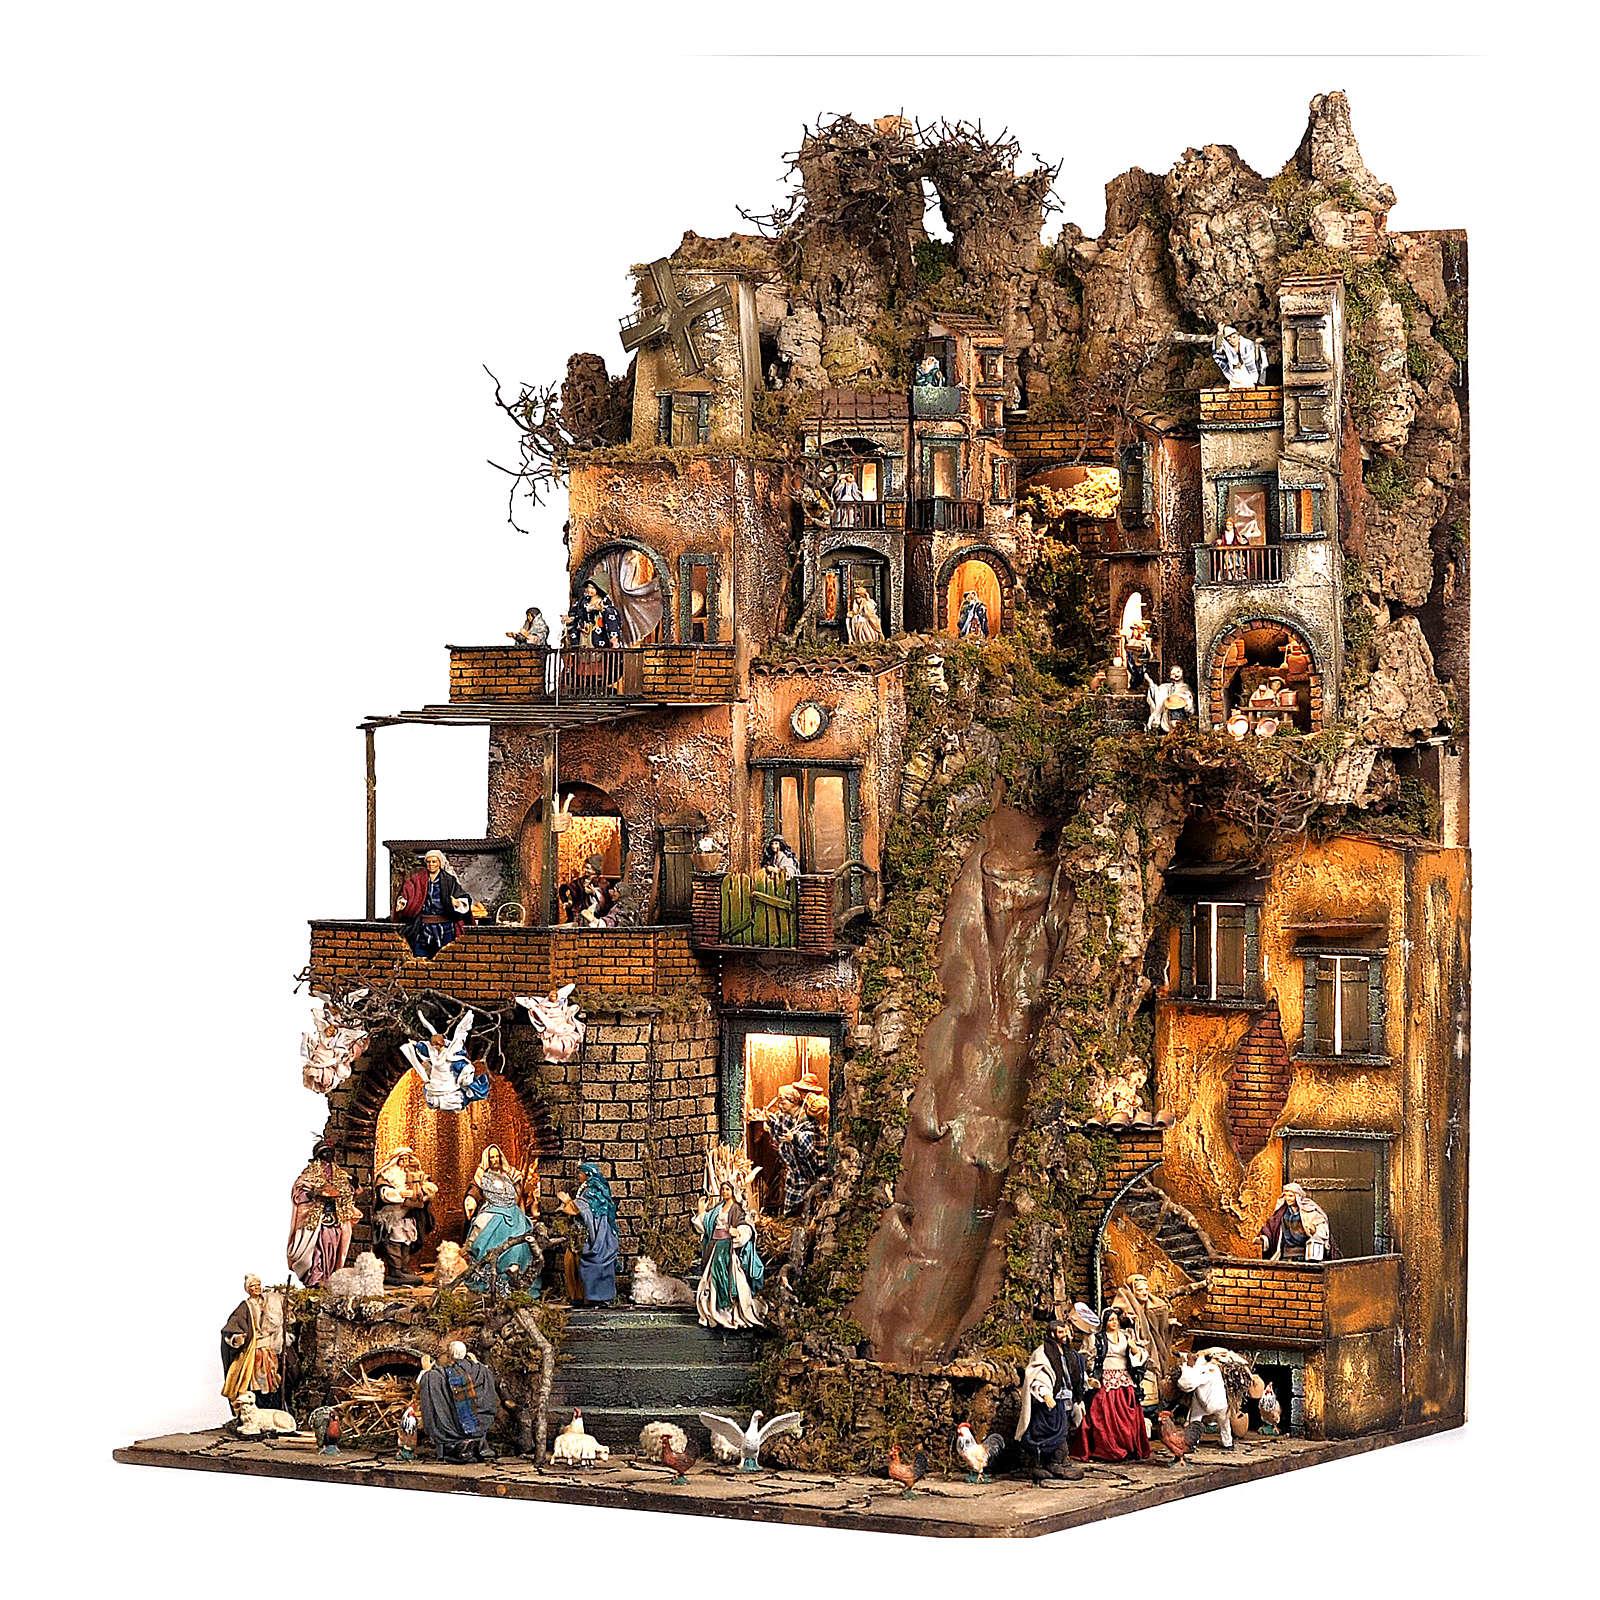 Aldea belén natividad Nápoles mód. B 120x100x100 cm 7 mov, 34 past, arroyo luminoso - 14 cm 4